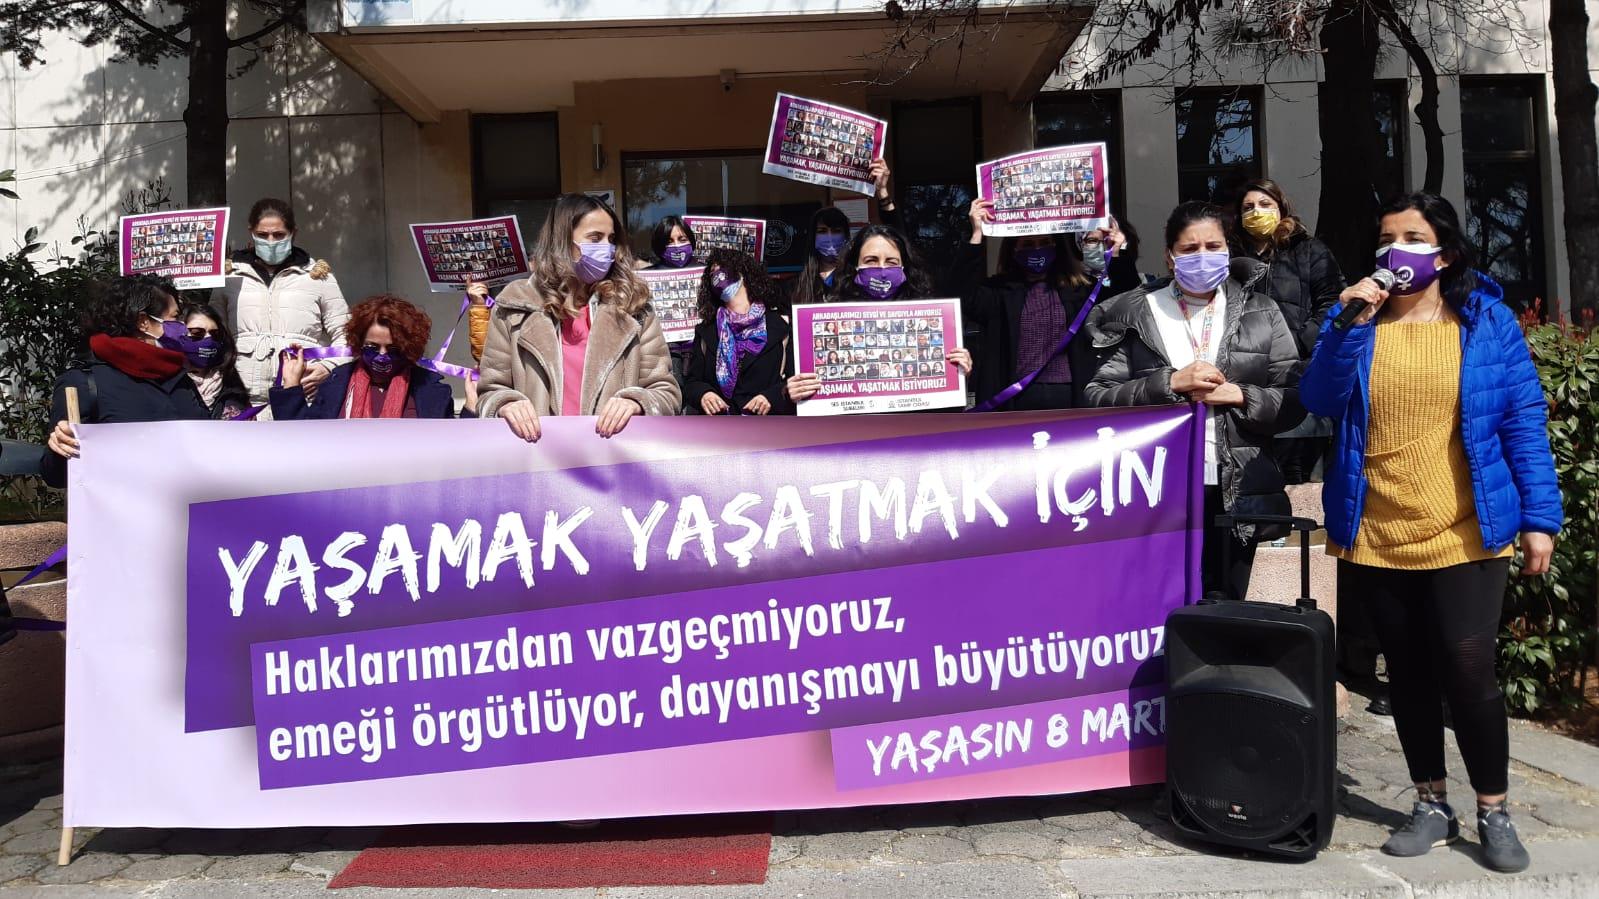 Kadın Sağlık ve Sosyal Hizmet Emekçileri 8 Mart'ta İş Yerlerinden Haykırdı: Yaşamak ve Yaşatmak İçin Haklarımızdan Vazgeçmiyoruz